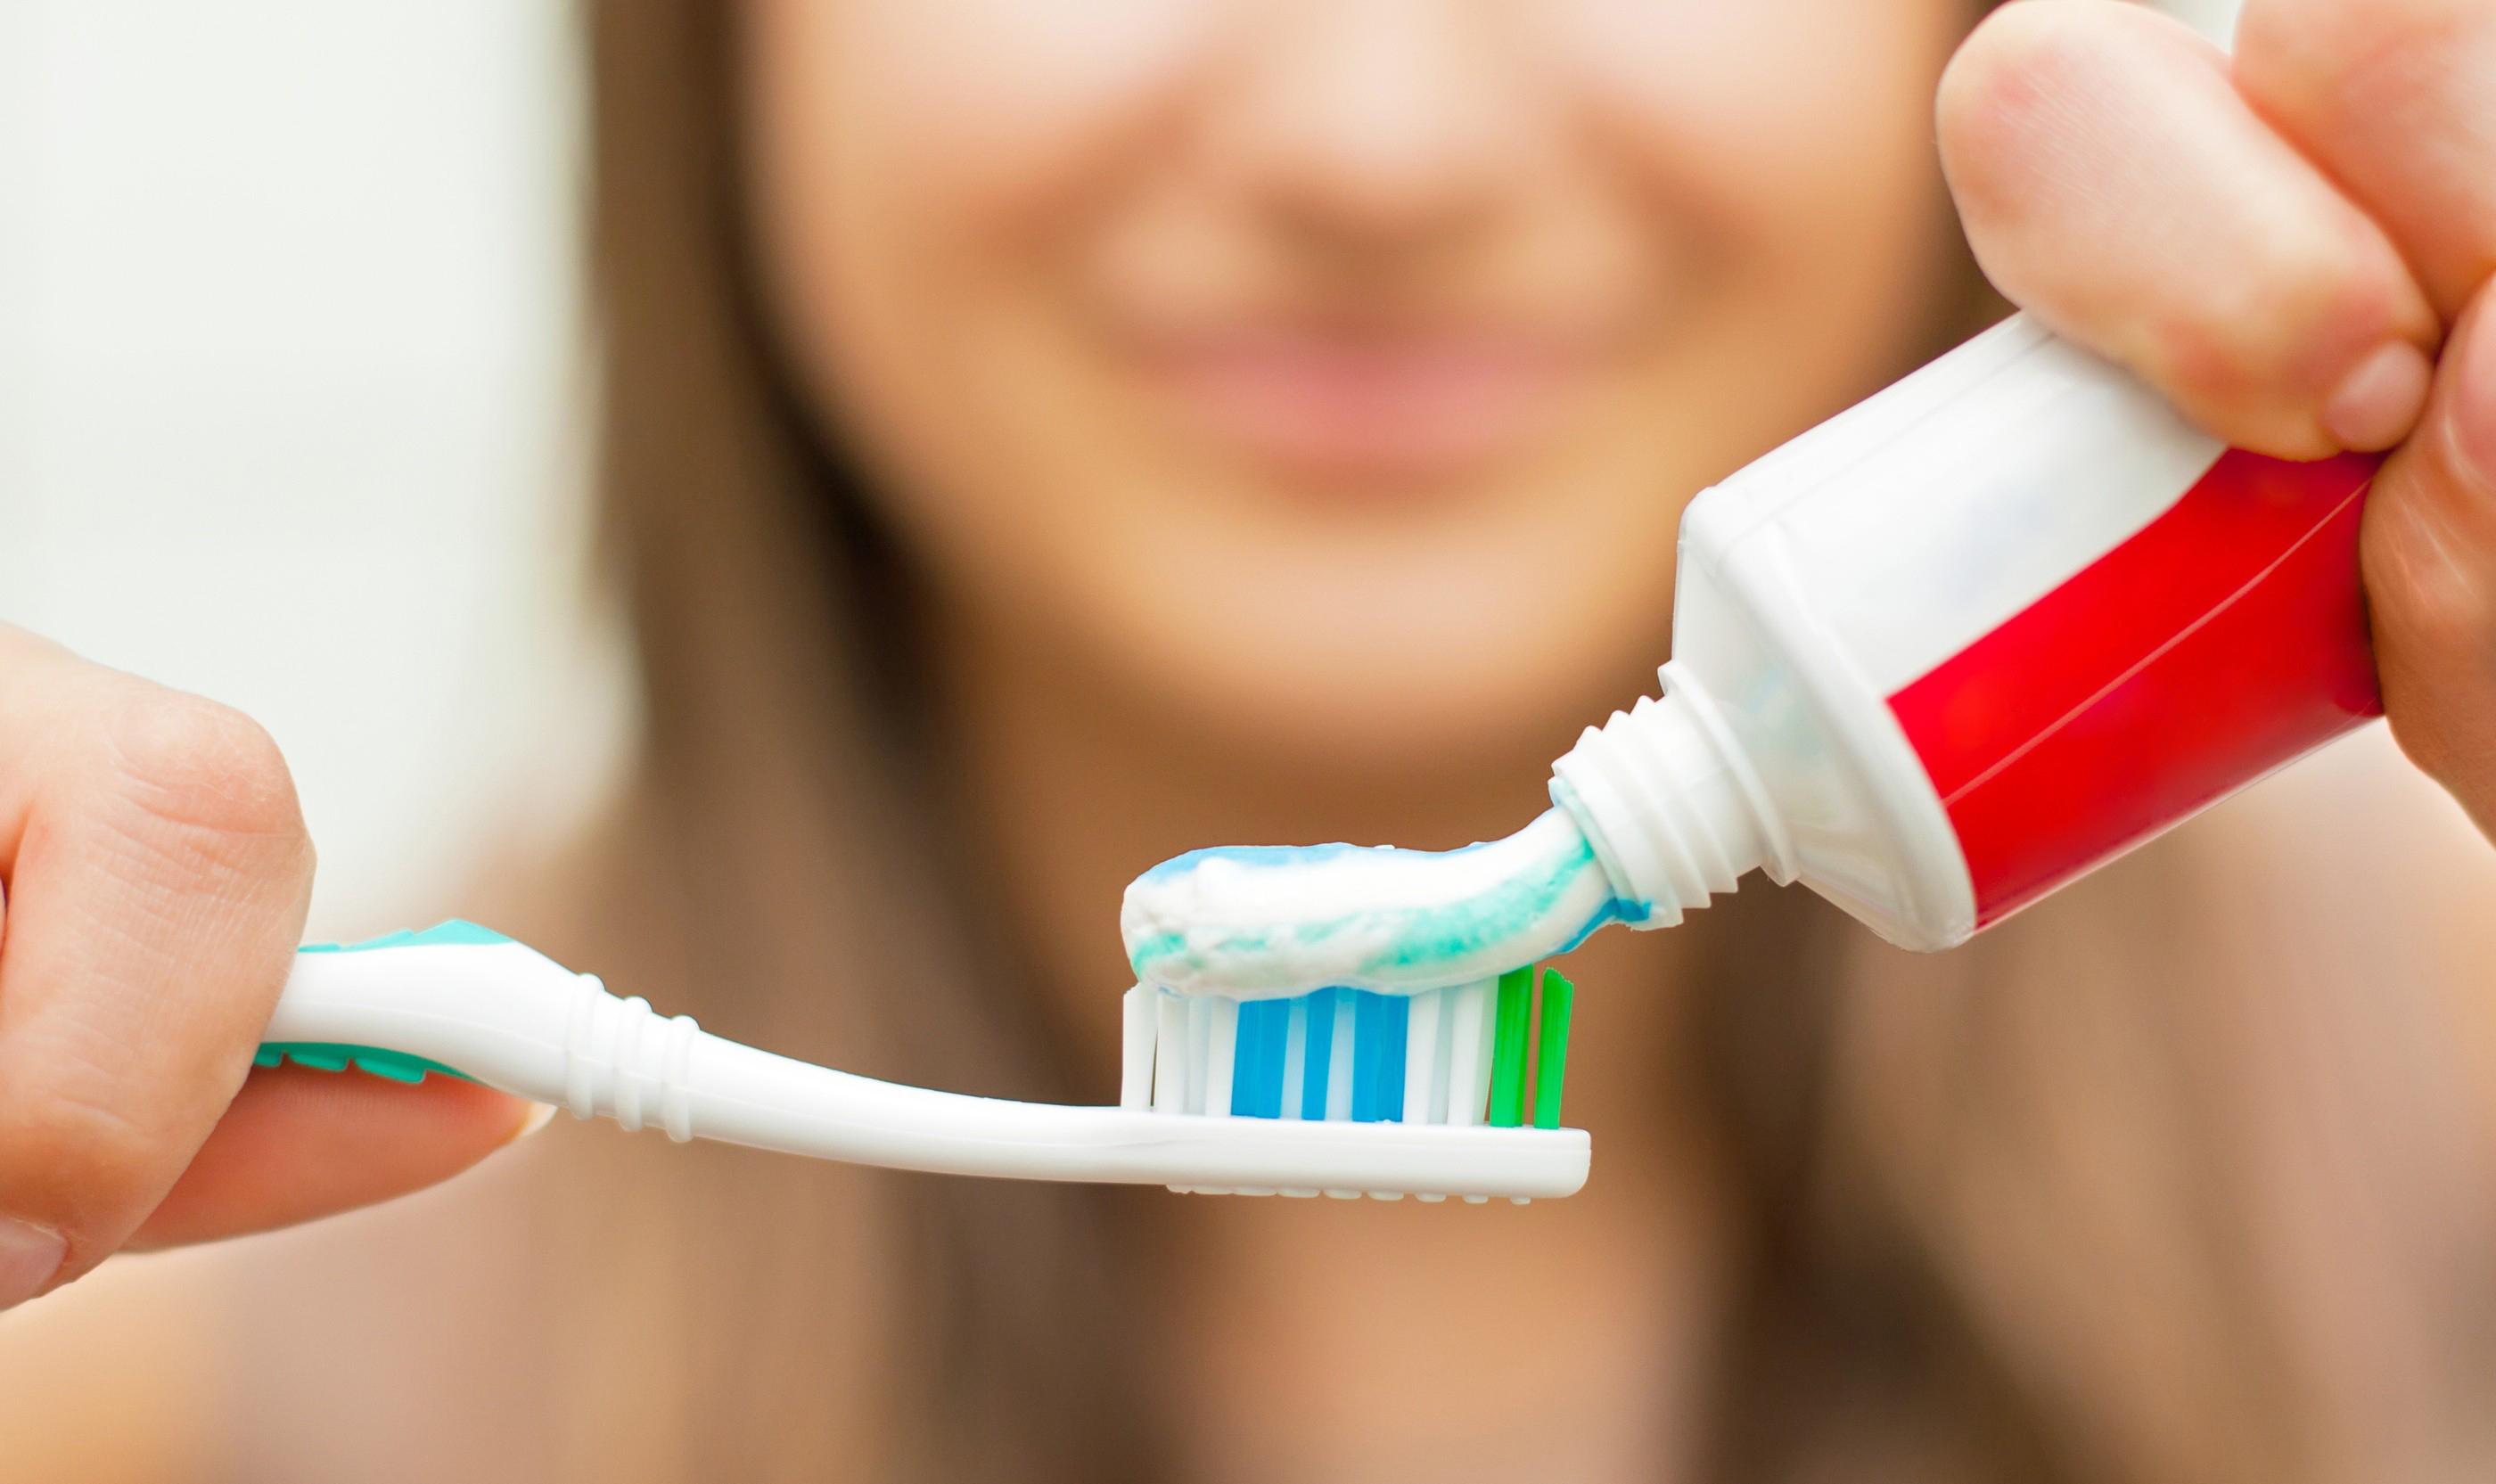 Pastas de dente para diminuir o sangramento gengiva